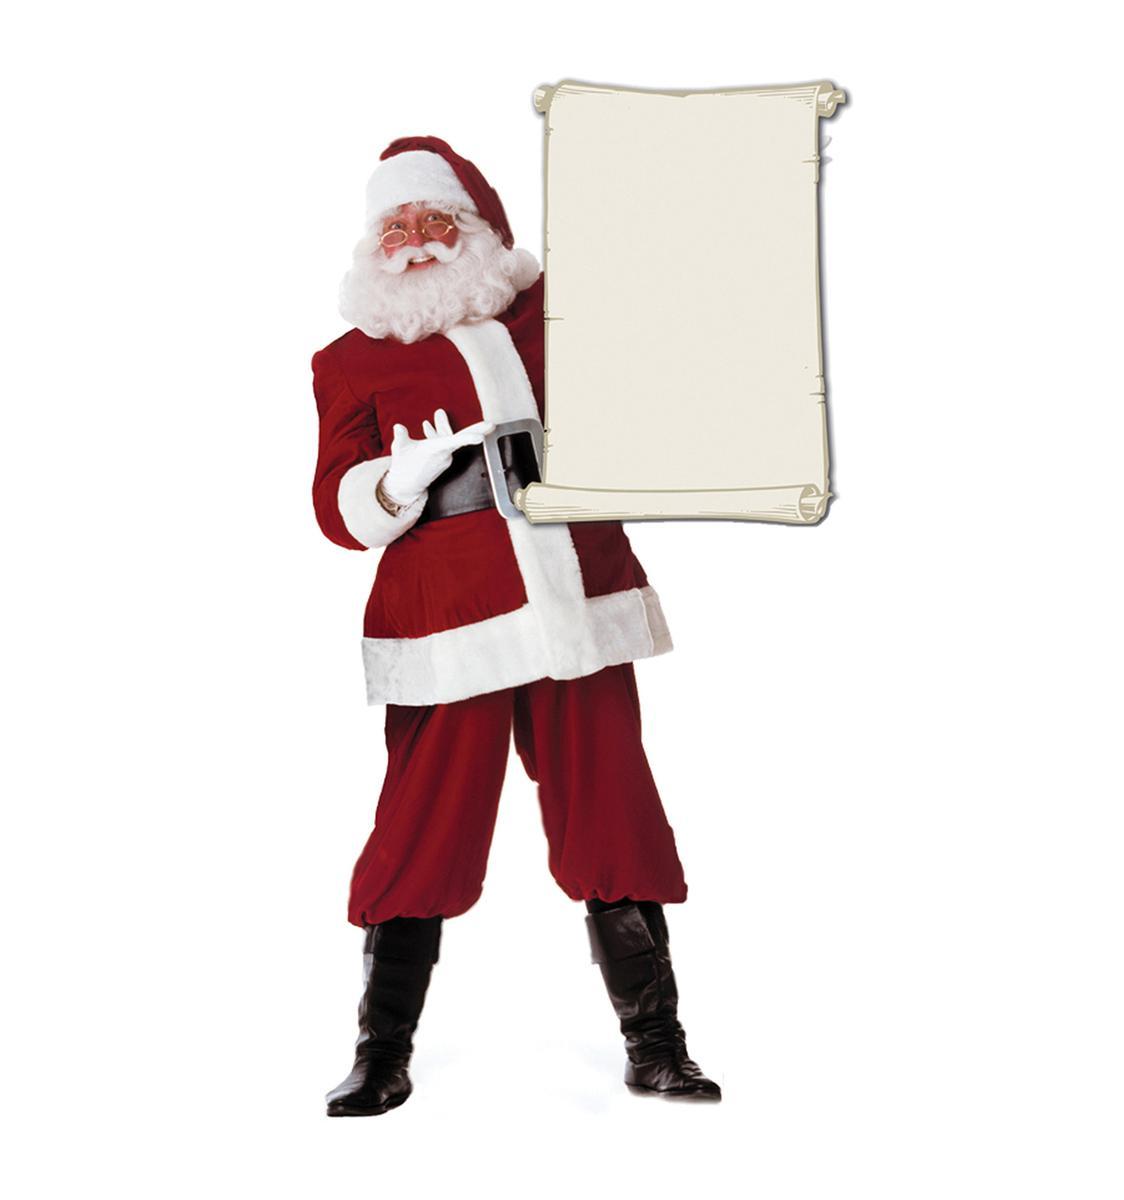 巻物 サンタクロース 等身大 パネル クリスマス 飾り インテリア デコレーション